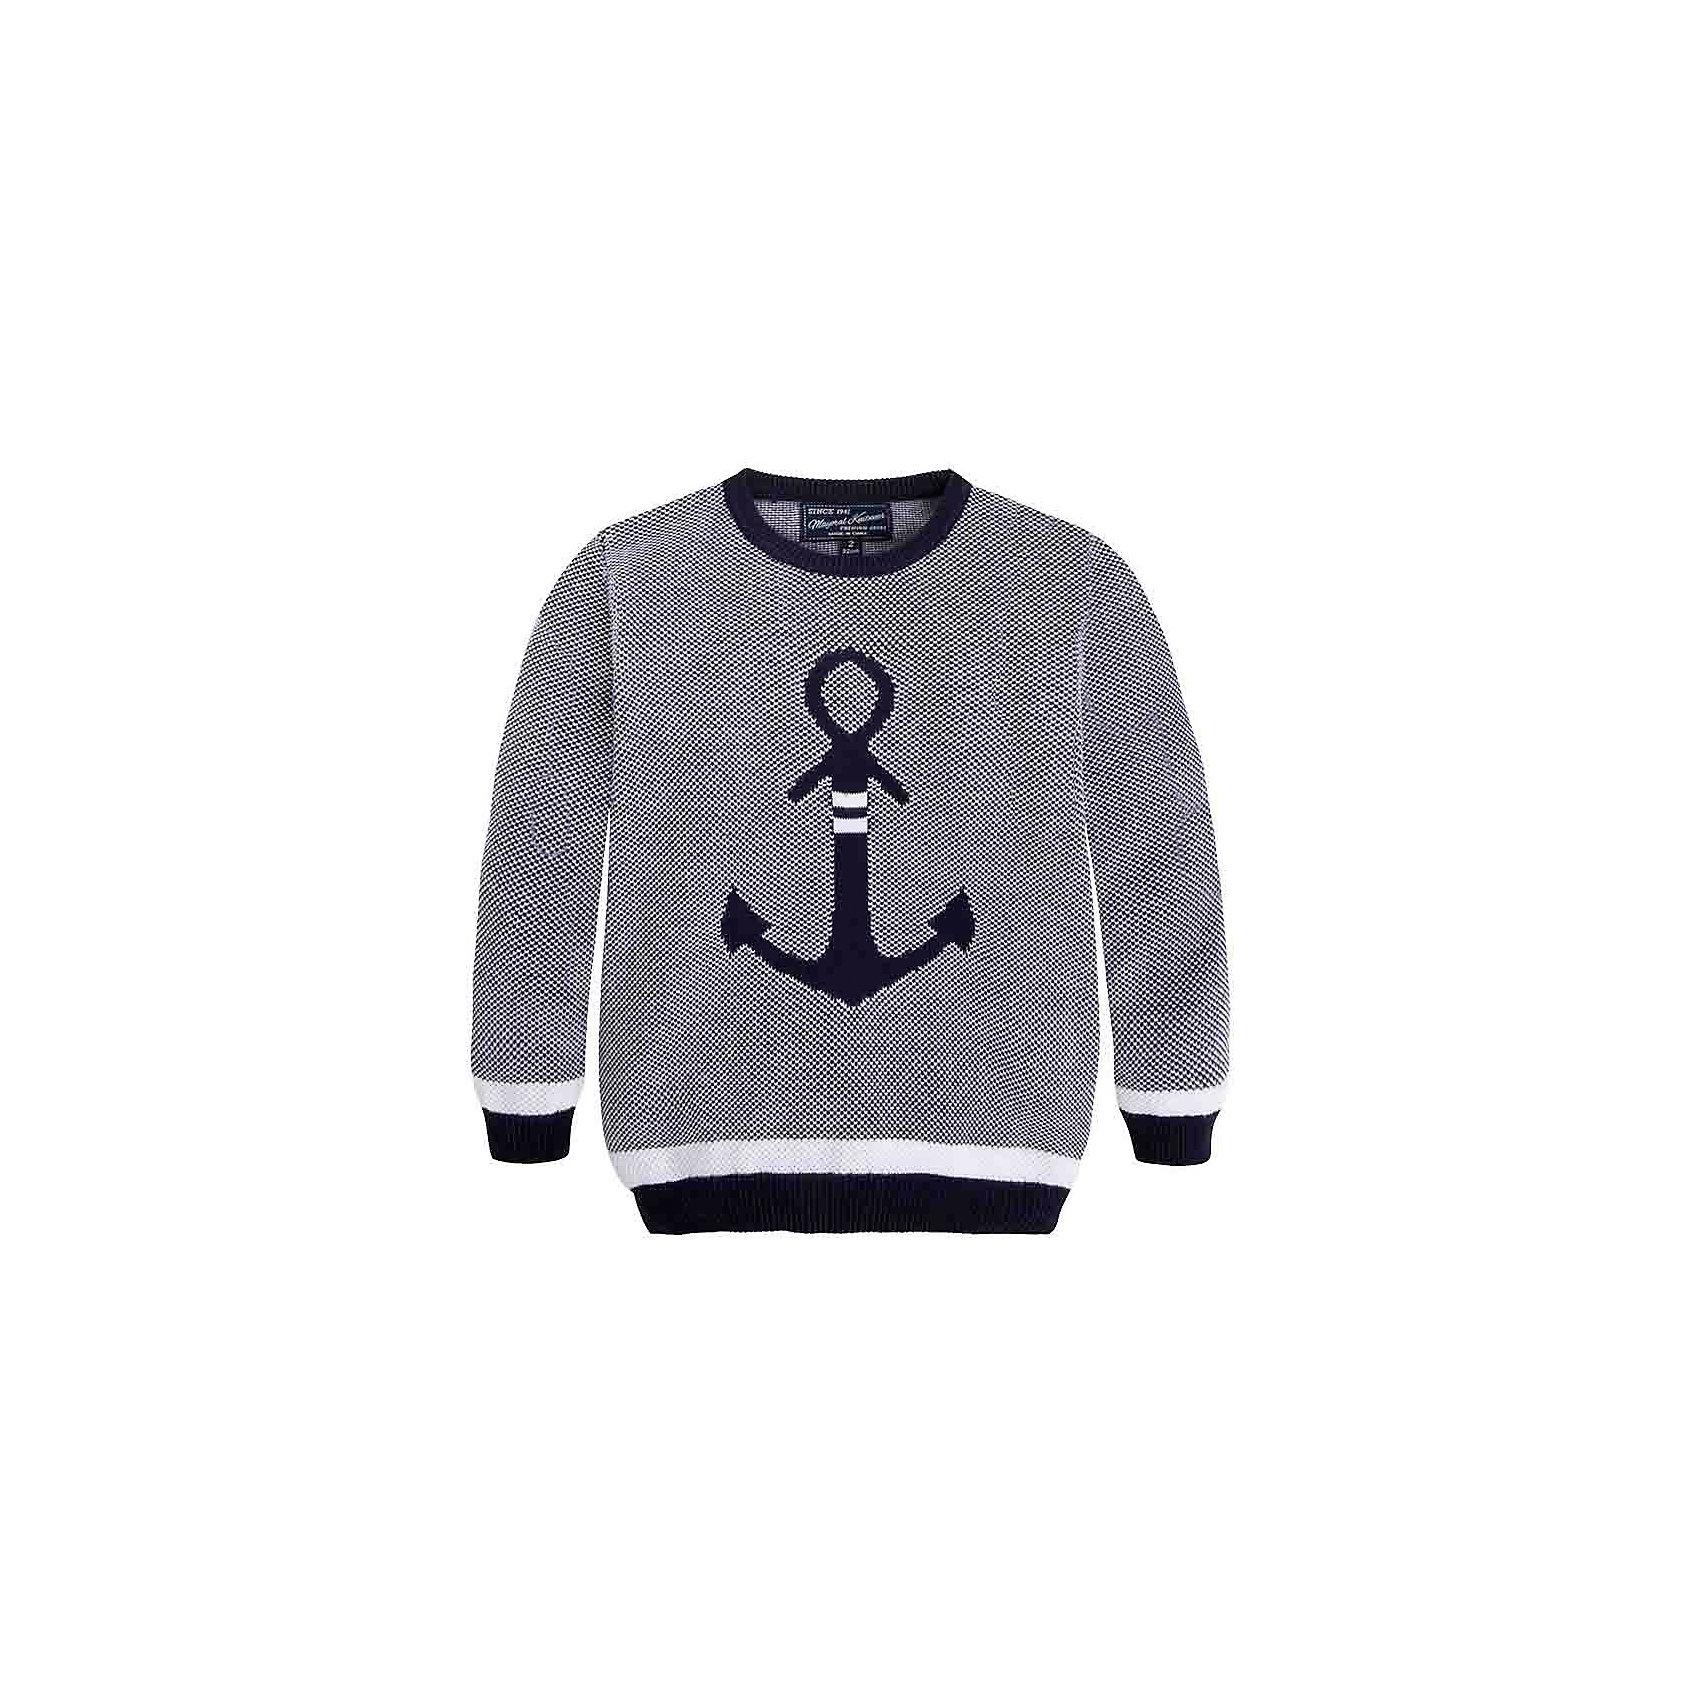 Свитер для мальчика MayoralСвитер для мальчика от известной испанской марки Mayoral <br><br>Модный свитер от Mayoral актуален в прохладную погоду. Он прекрасно сочетается с джинсами и брюками.  Модель выполнена из качественных материалов, отлично садится по фигуре.<br><br>Особенности модели:<br><br>- цвет: синий;<br>- рукава длинные;<br>- принт -  якорь;<br>- низ и конец рукавов - резинки;<br>- натуральный материал.<br><br>Дополнительная информация:<br><br>Состав: 100% хлопок<br><br>Свитер для мальчика Mayoral (Майорал) можно купить в нашем магазине.<br><br>Ширина мм: 190<br>Глубина мм: 74<br>Высота мм: 229<br>Вес г: 236<br>Цвет: синий<br>Возраст от месяцев: 24<br>Возраст до месяцев: 36<br>Пол: Мужской<br>Возраст: Детский<br>Размер: 98,104,92,122,134,128,116,110<br>SKU: 4542016